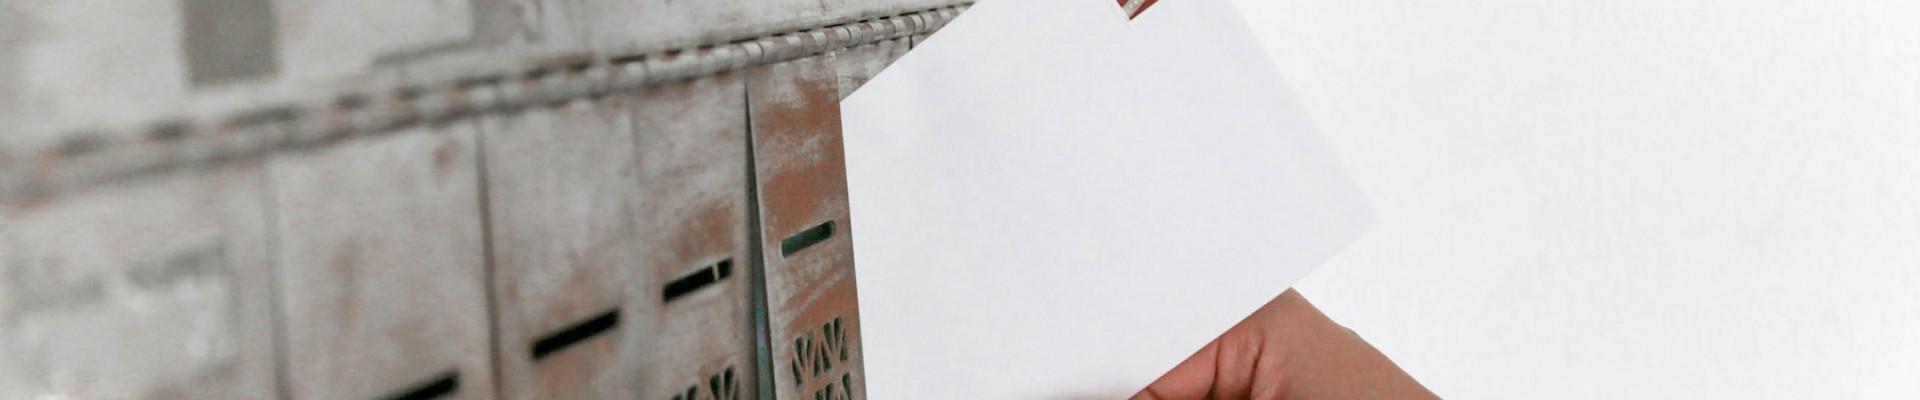 Alerte Info - Retard de distribution des factures de fin juin et courriers